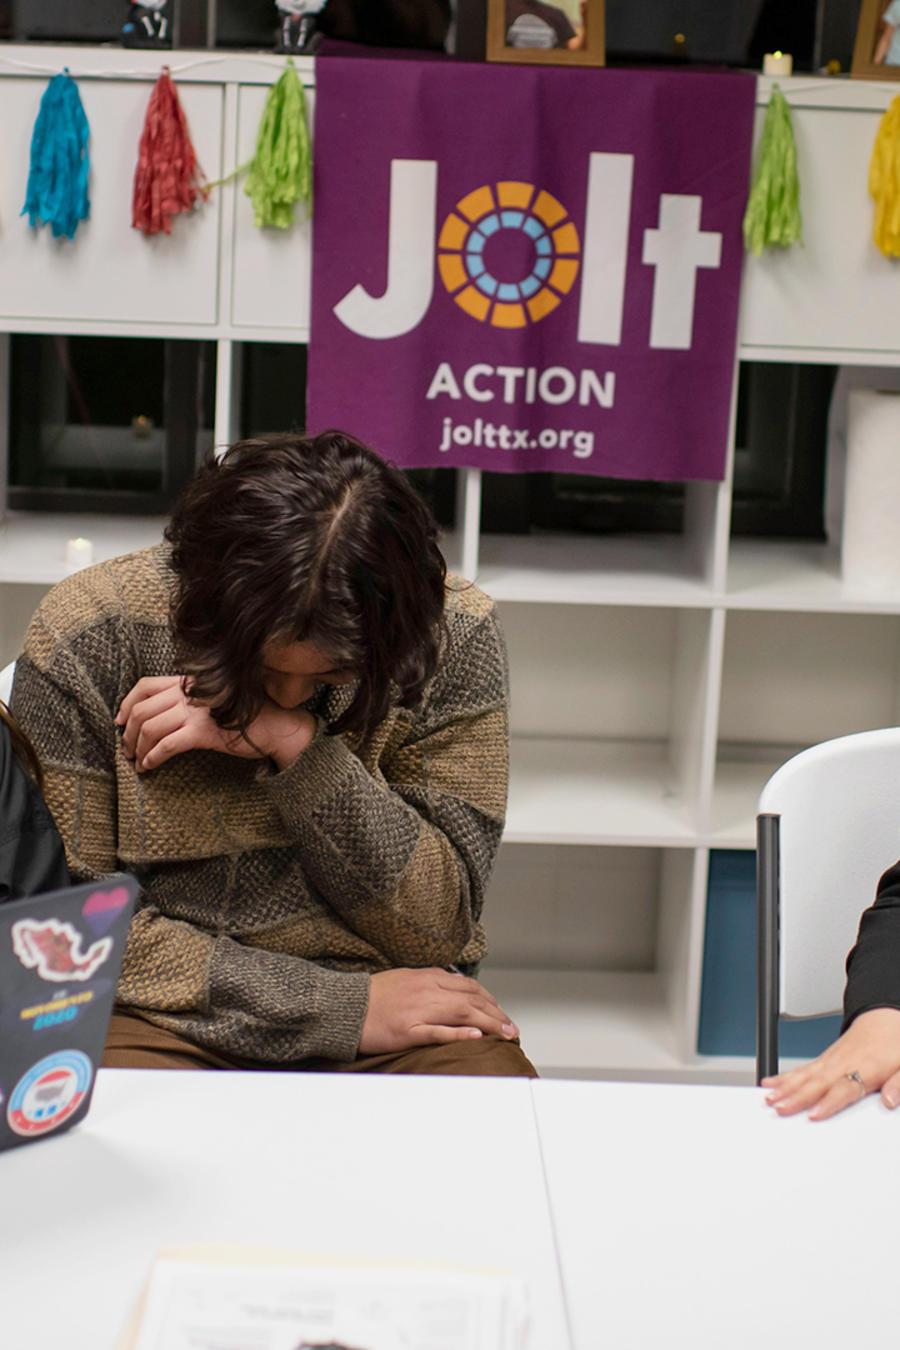 Leslie Hernández (L) comparte una risa con los voluntarios Carlos Ramírez (C) y Marlen Guerrero en la sede de Jolt, una organización sin fines de lucro que trabaja para aumentar la participación cívica de los latinos en Houston, Texas, febrero 2020.